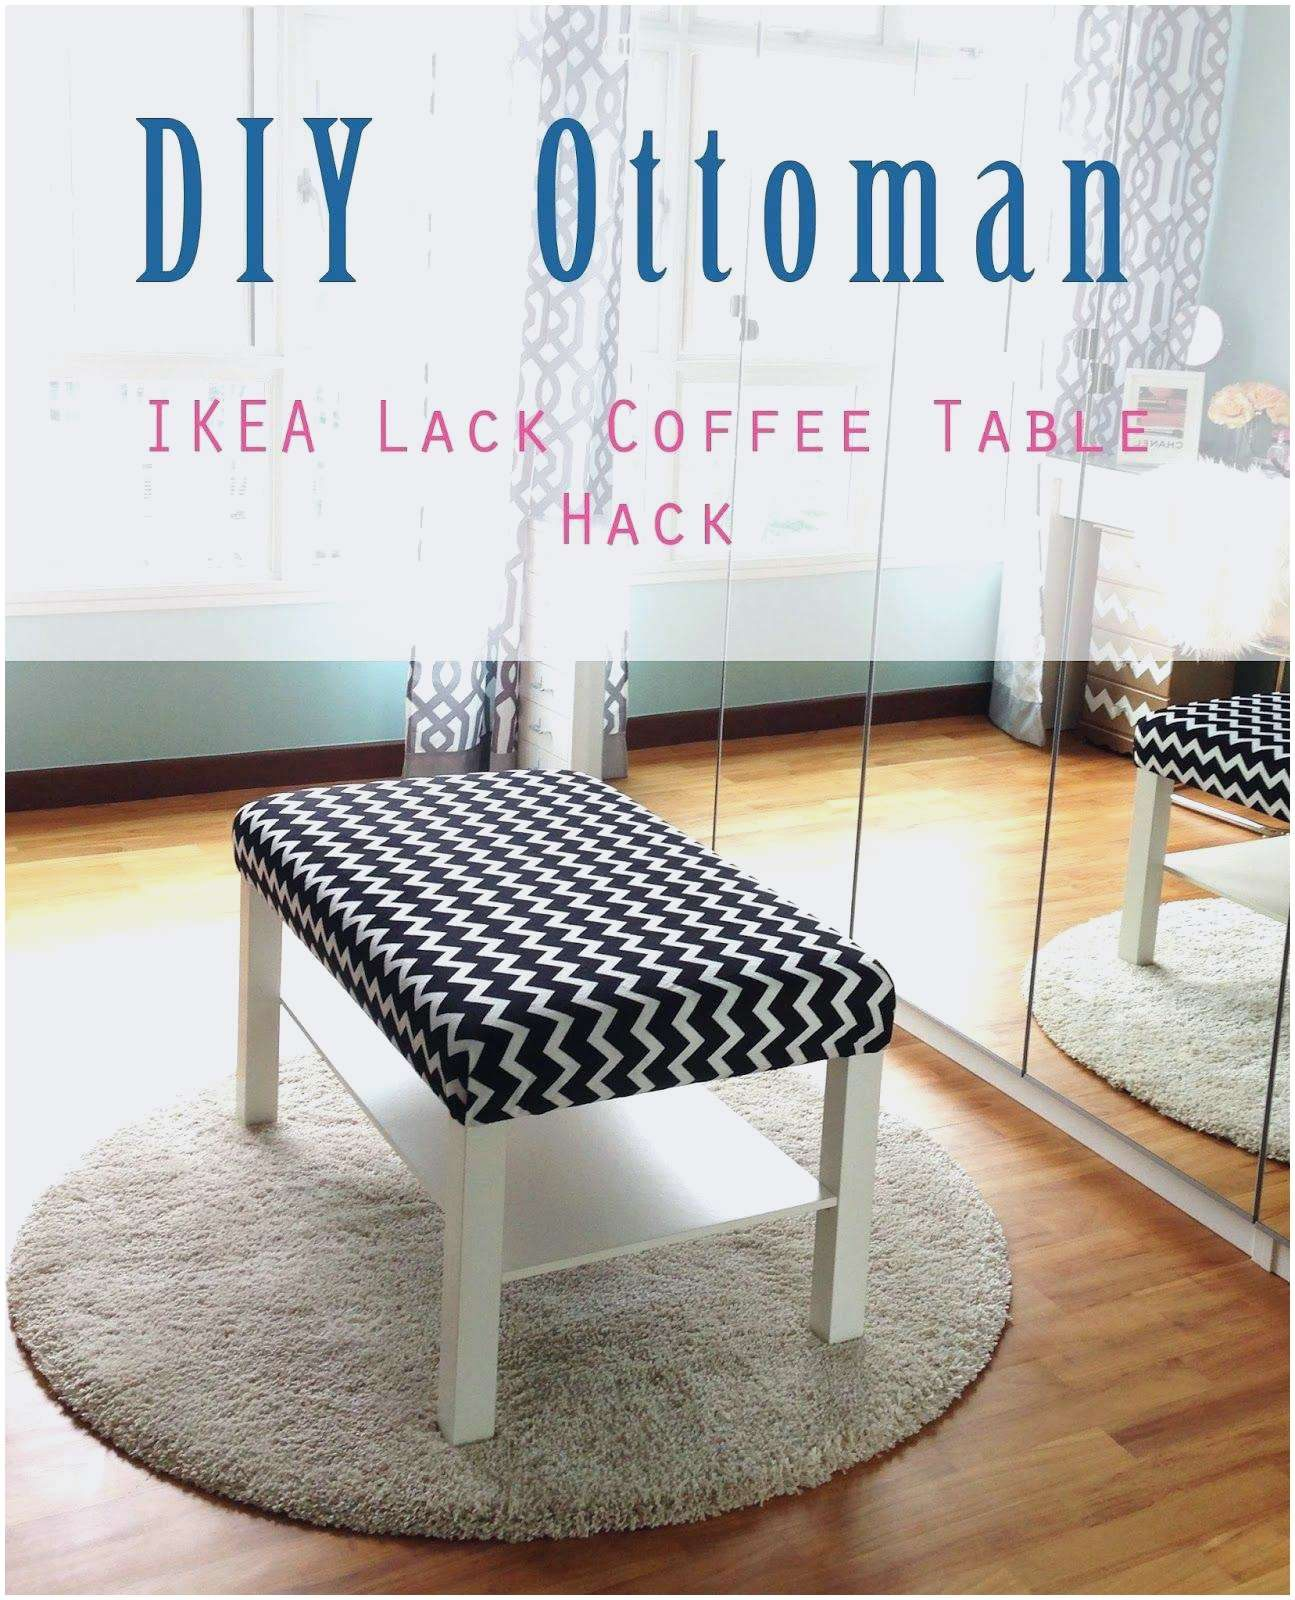 Lit Ikea 160x200 Le Luxe Unique Table Relevable Ikea Luxe Lit Relevable Ikea Meilleur De